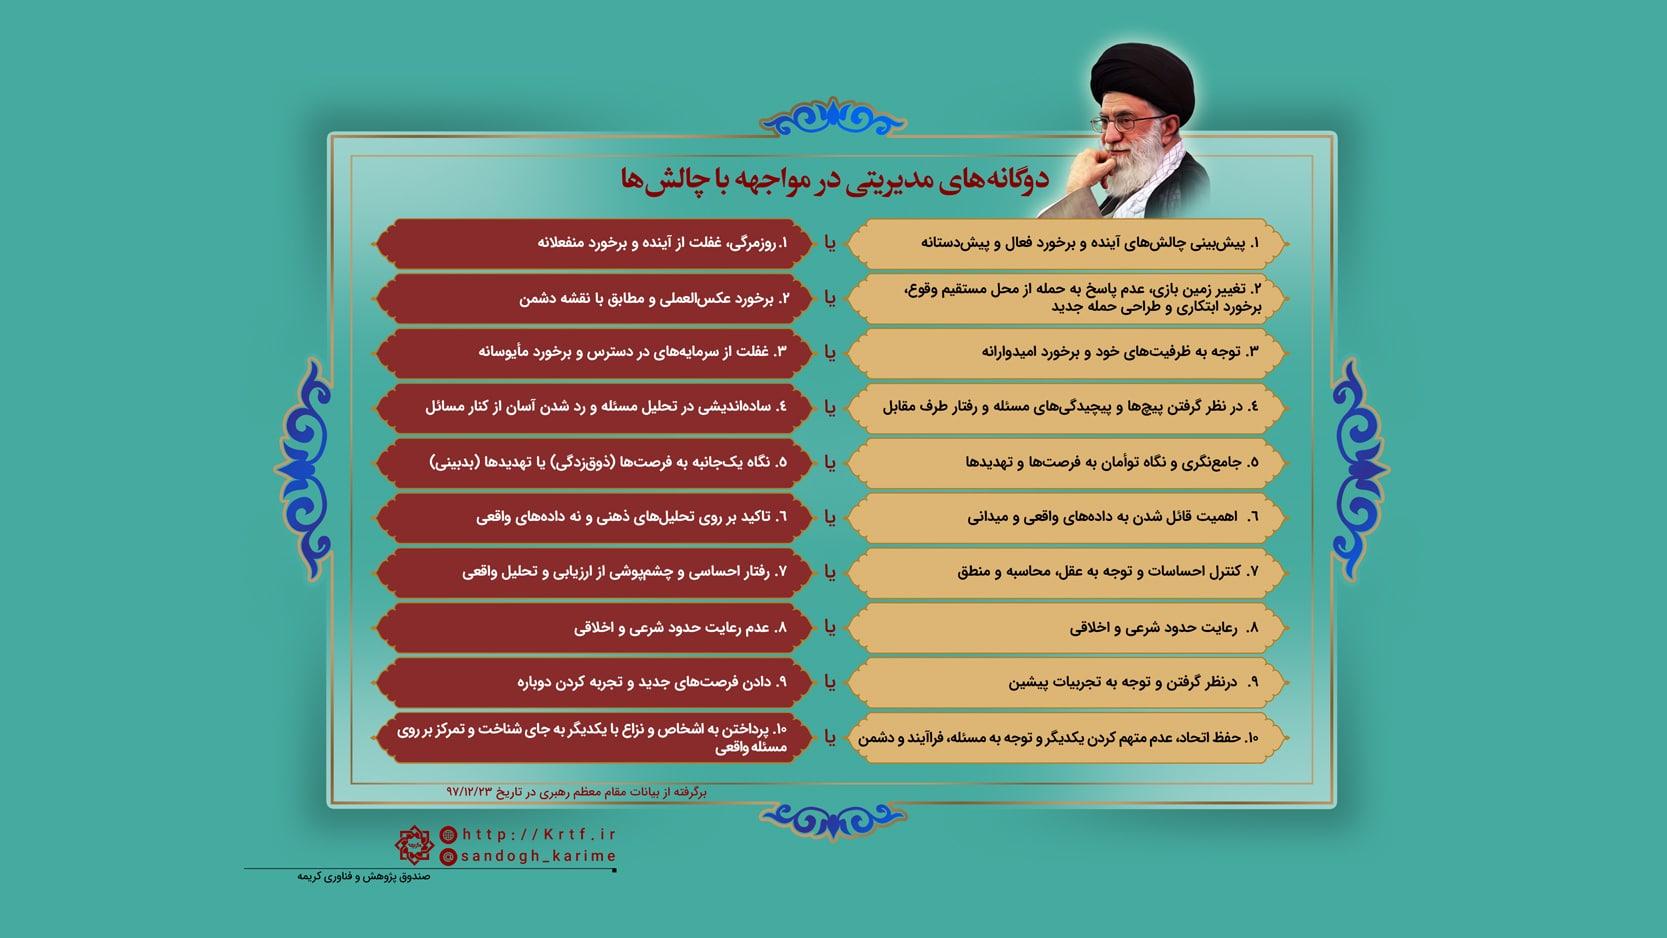 دوگانه های مدیریتی برگرفته از بیانات رهبر معظم انقلاب